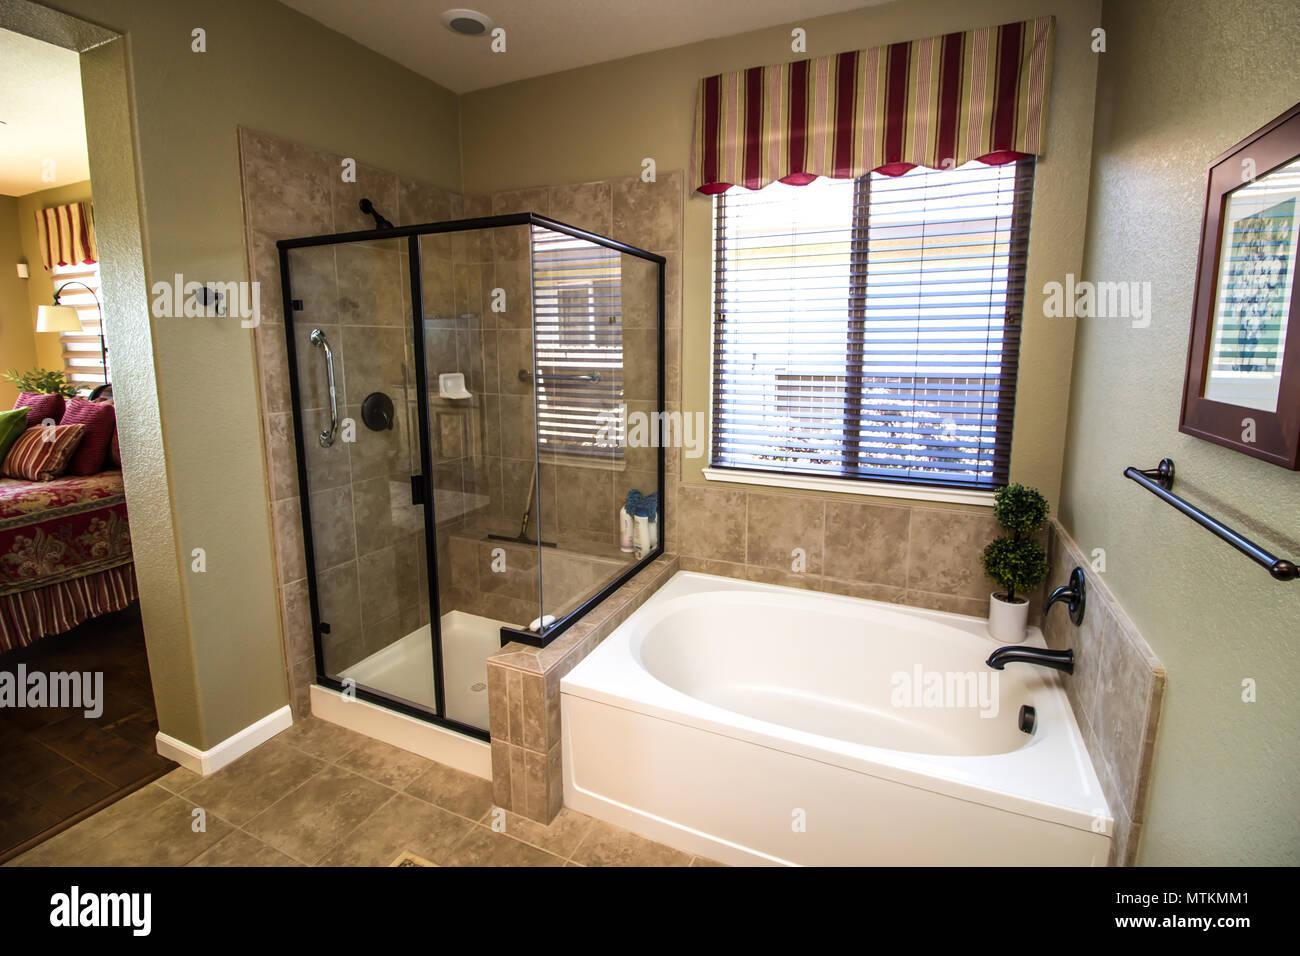 Docce E Vasche Da Bagno : Bagno moderno con angolo doccia e vasca da bagno foto immagine